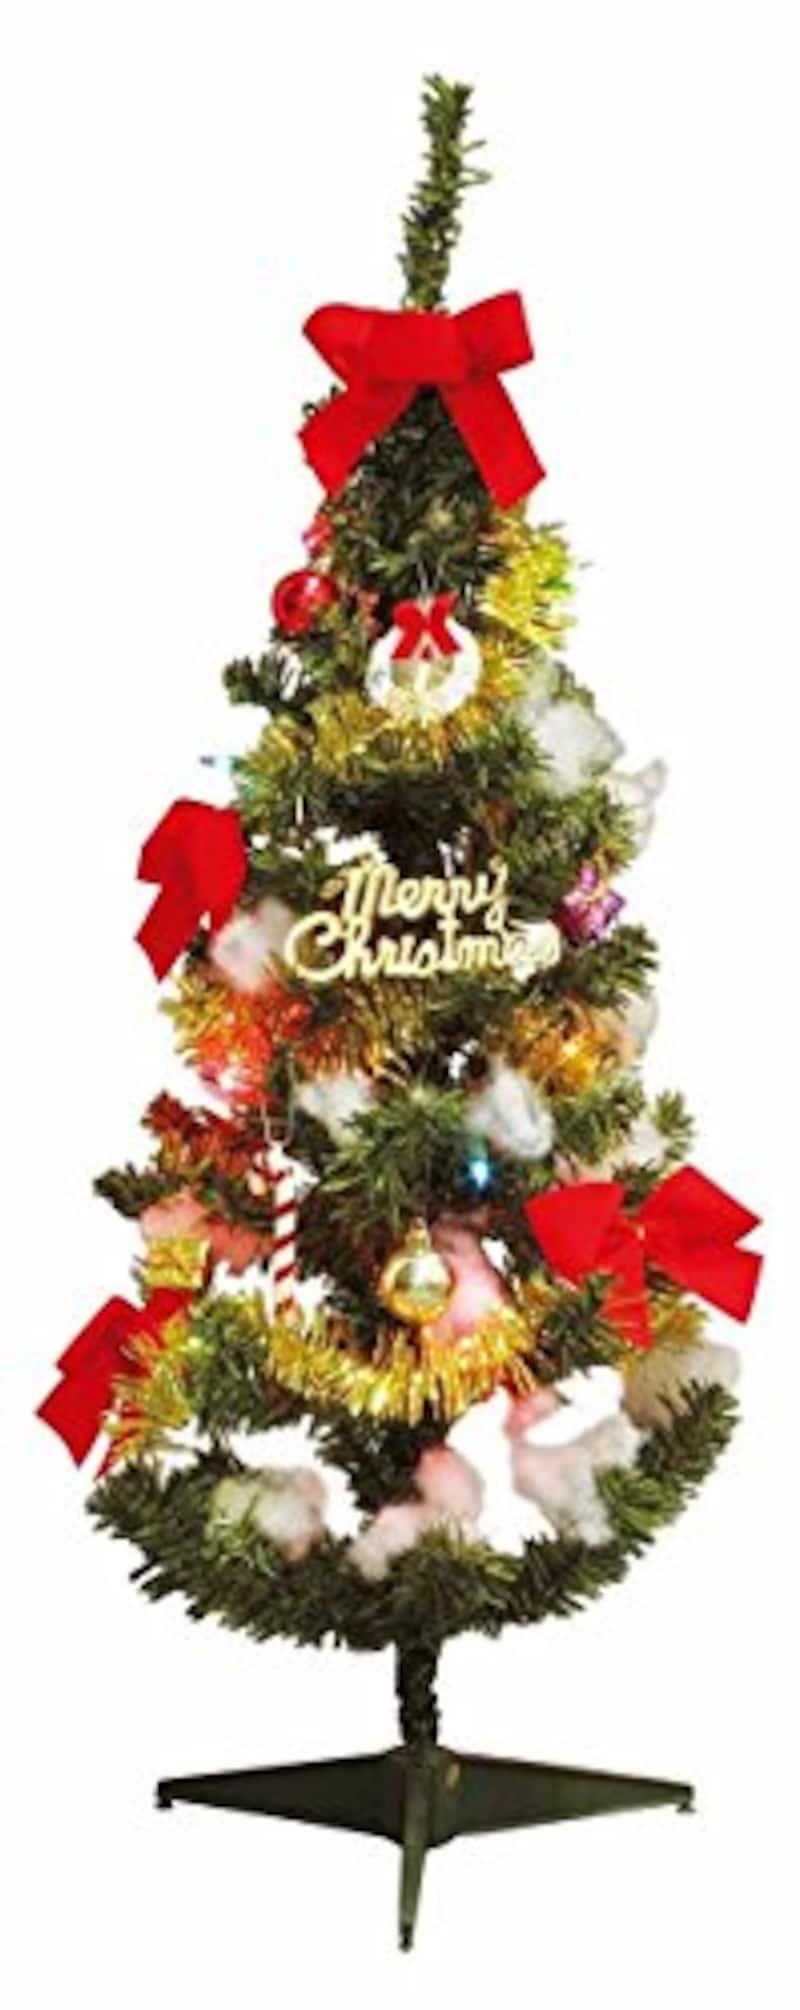 ドウシシャ,クリスマスツリー スタンダードグリーン セット,G15SET120G